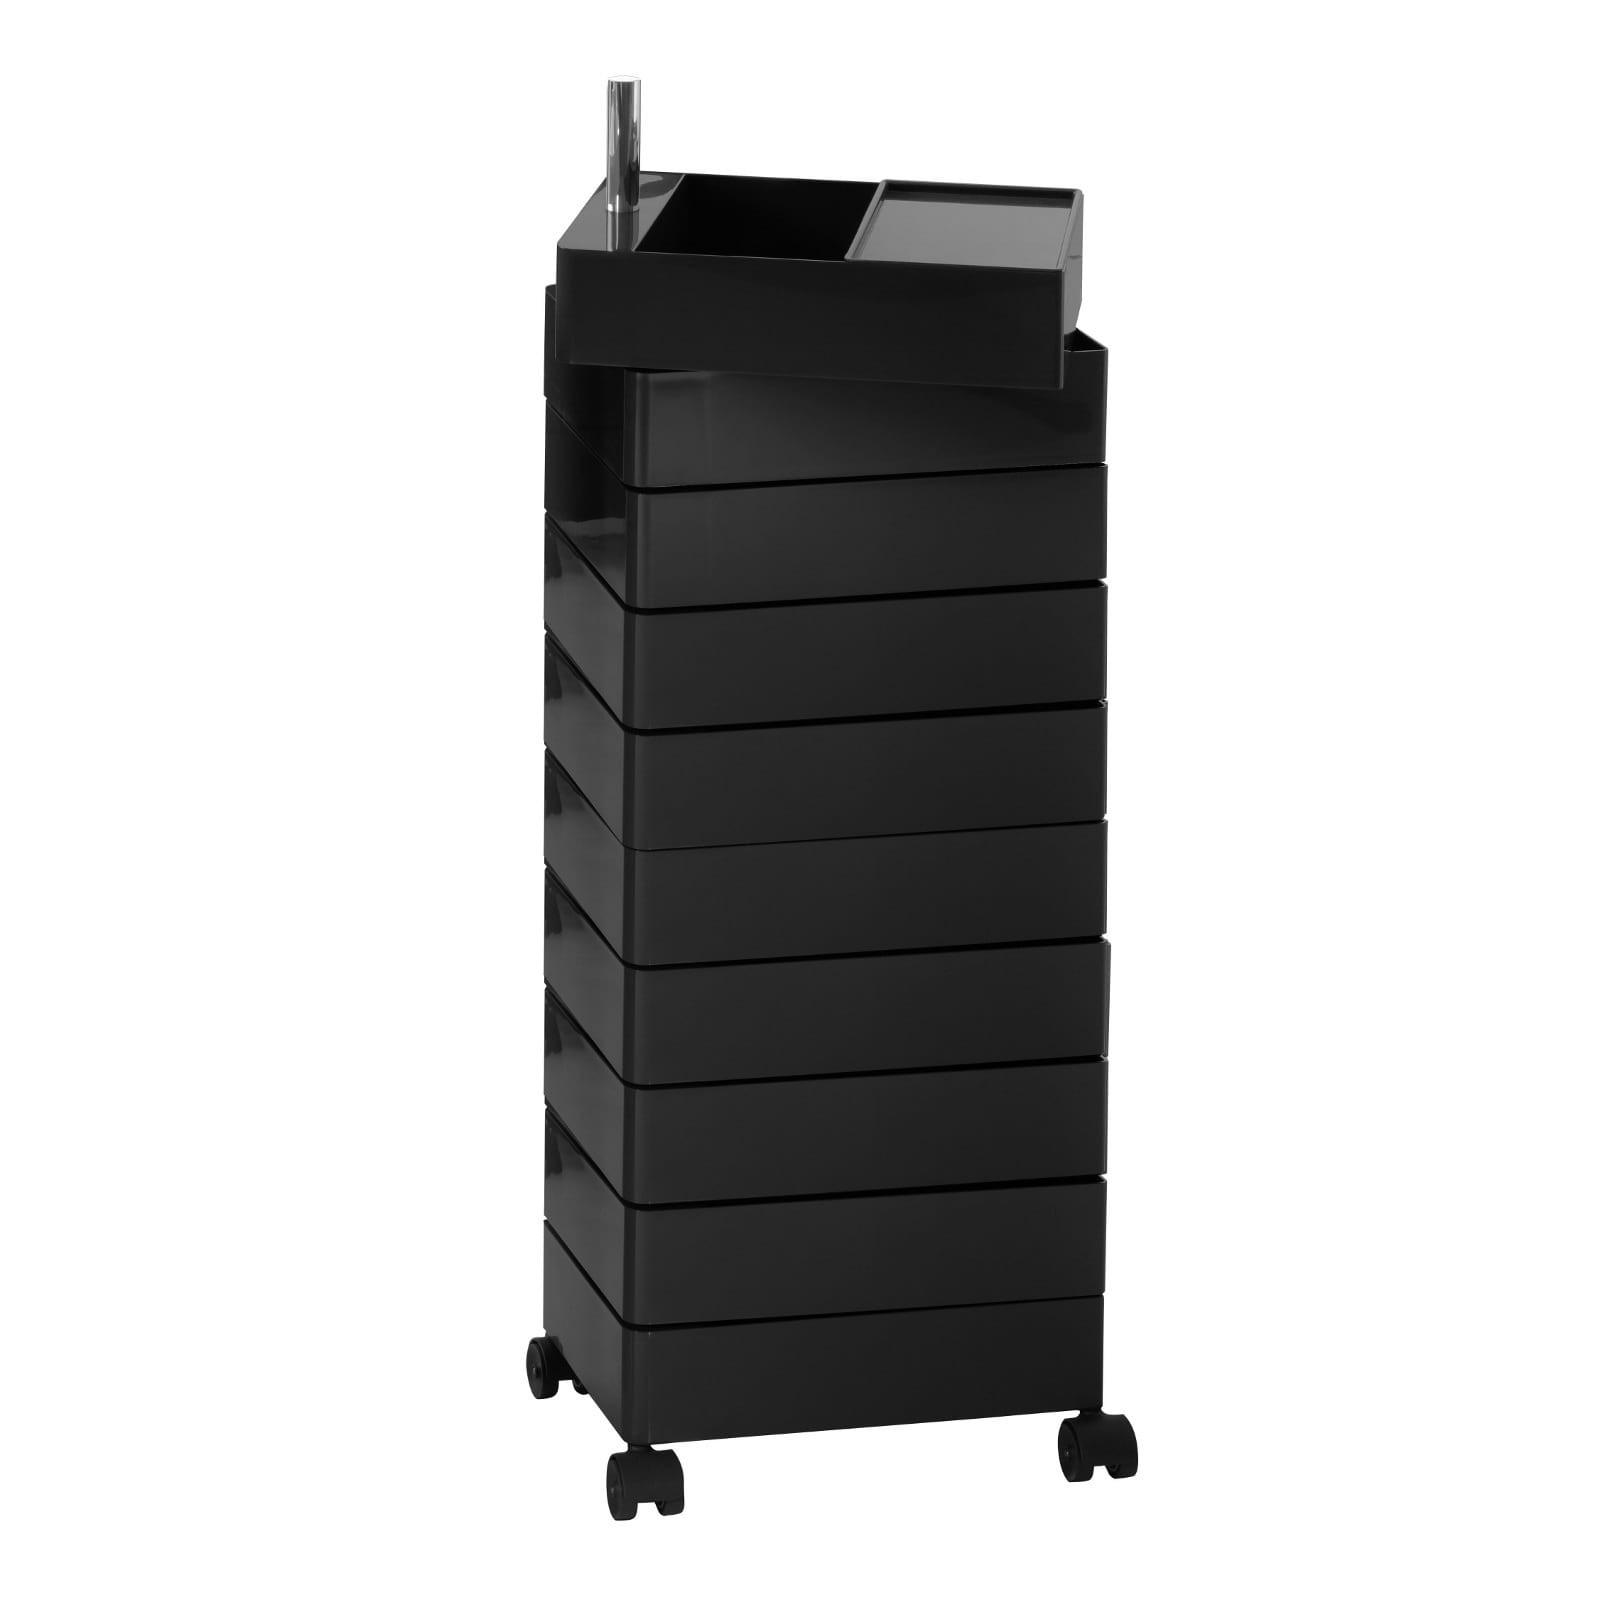 Τροχήλατη Συρταριέρα 360° Container με 8 Συρτάρια (Μαύρο) - Magis